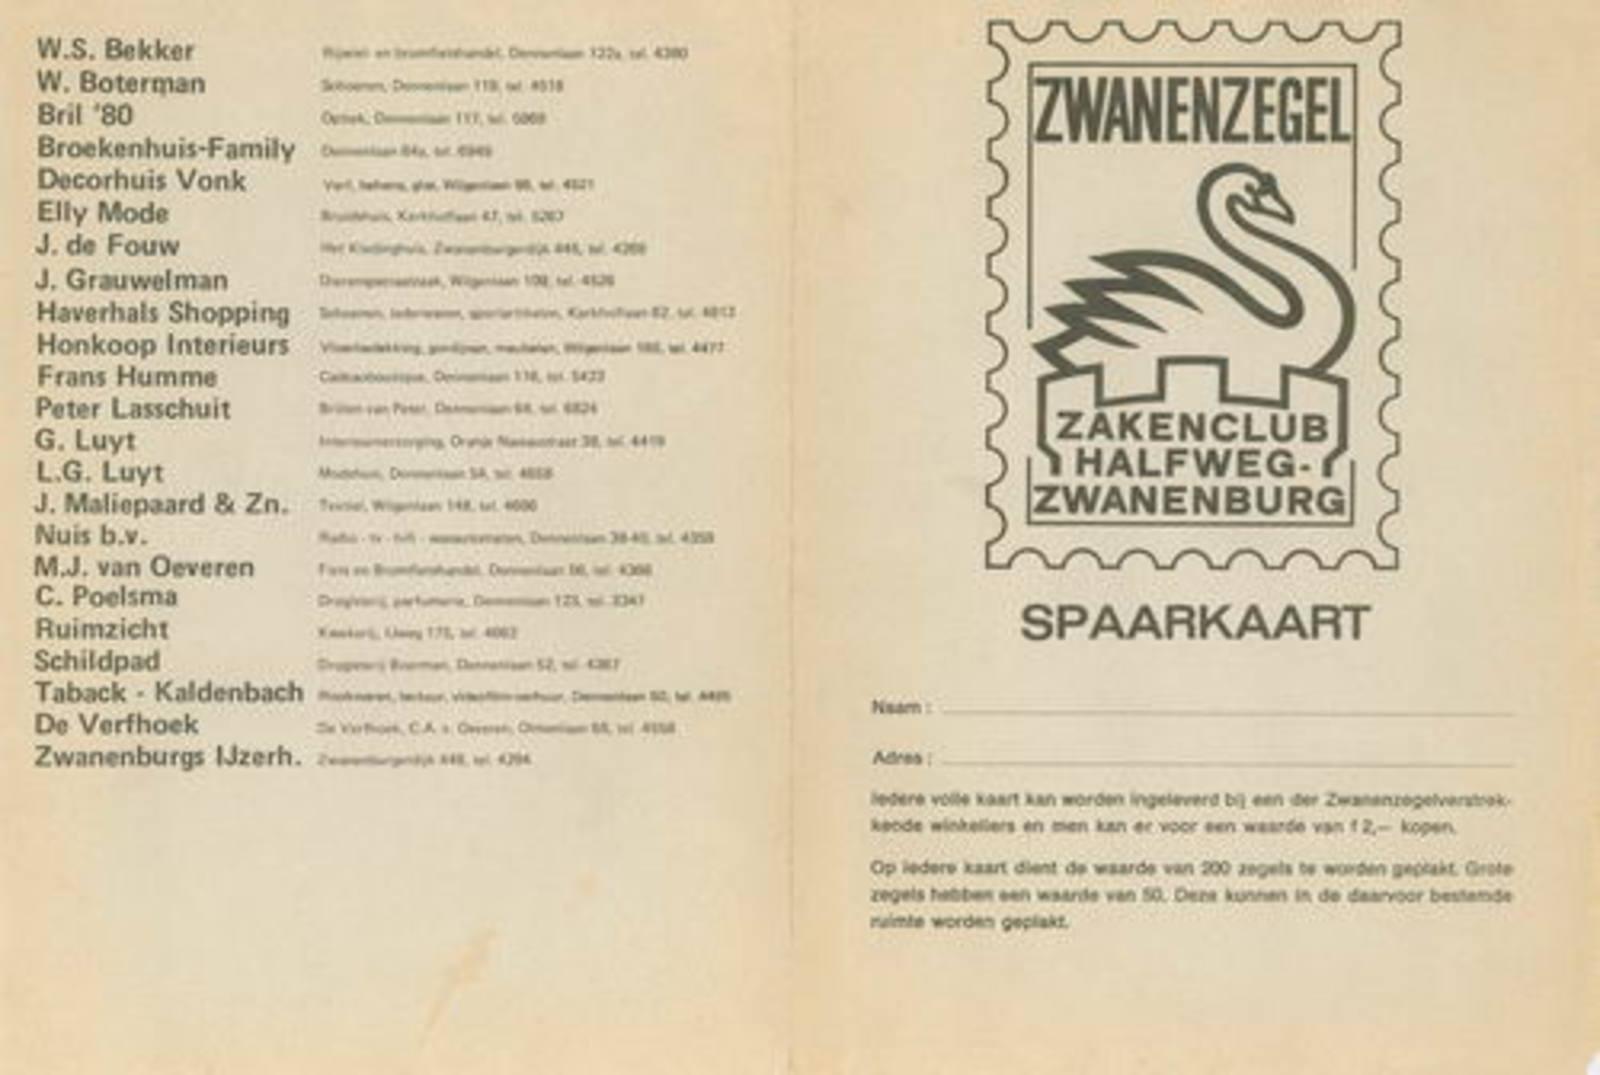 Zwanenburg Zakenclub 19__ Spaarkaart Zwanenzegels 01